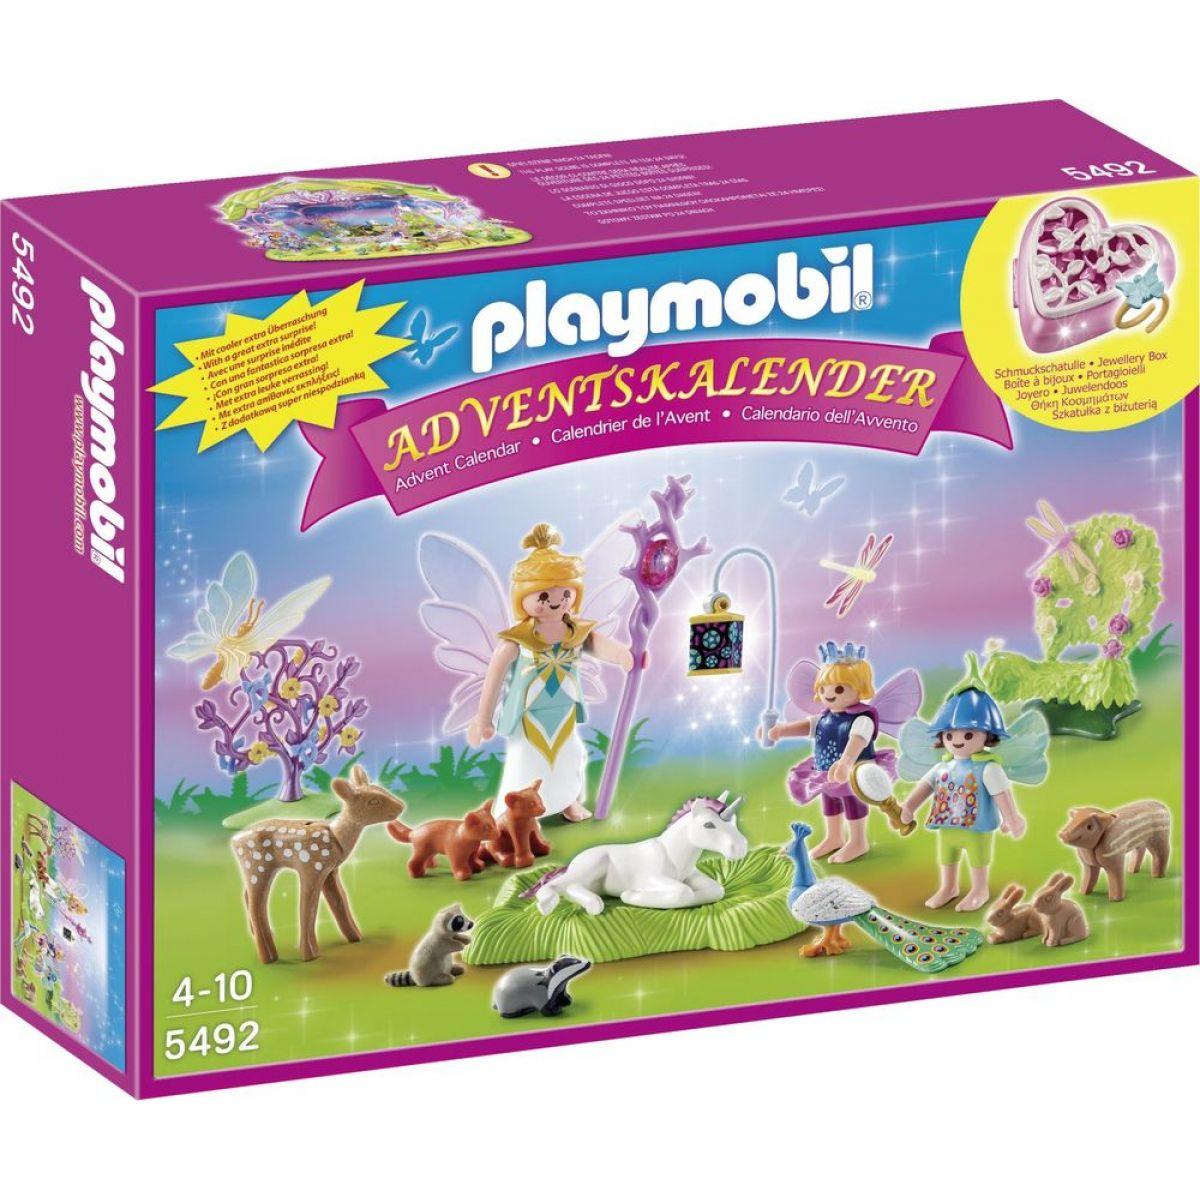 Playmobil 5492 Adventní kalendář Země Jednorožce - Poškozený obal